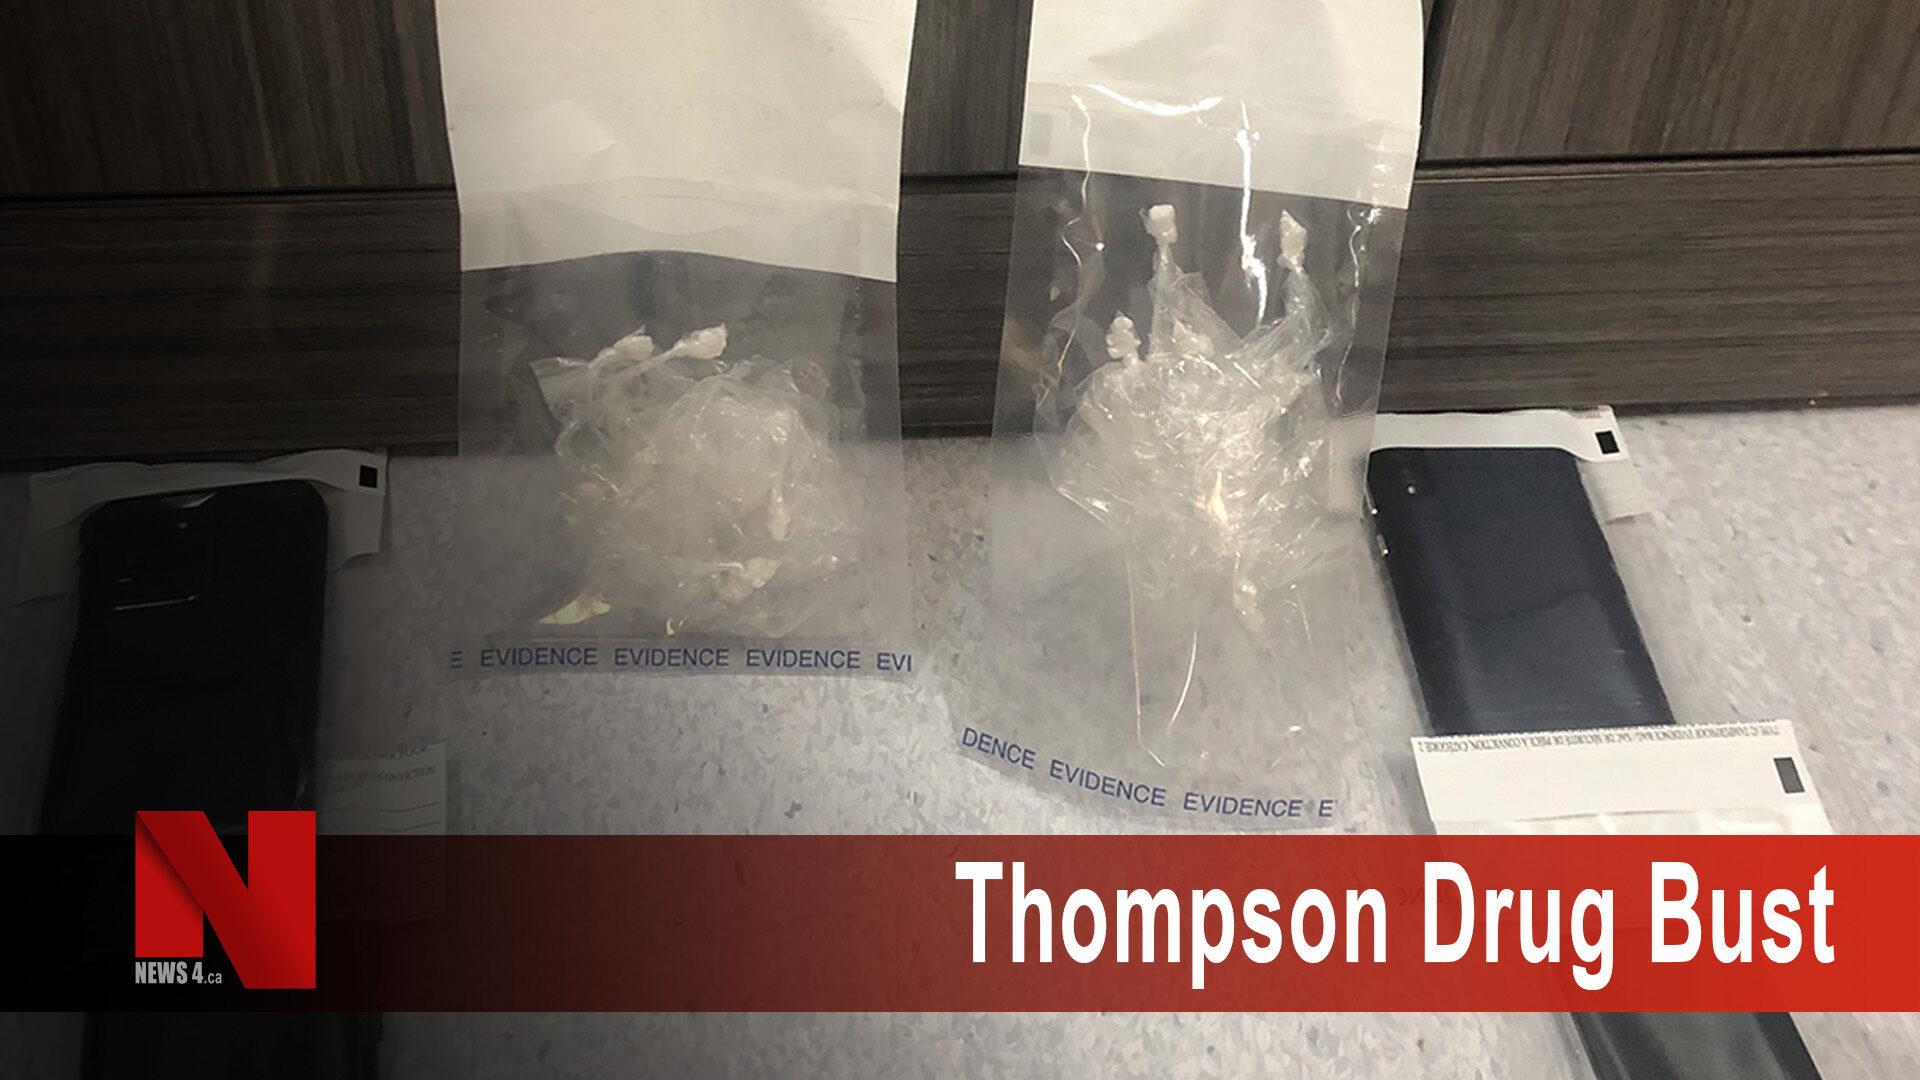 Thompson drug bust